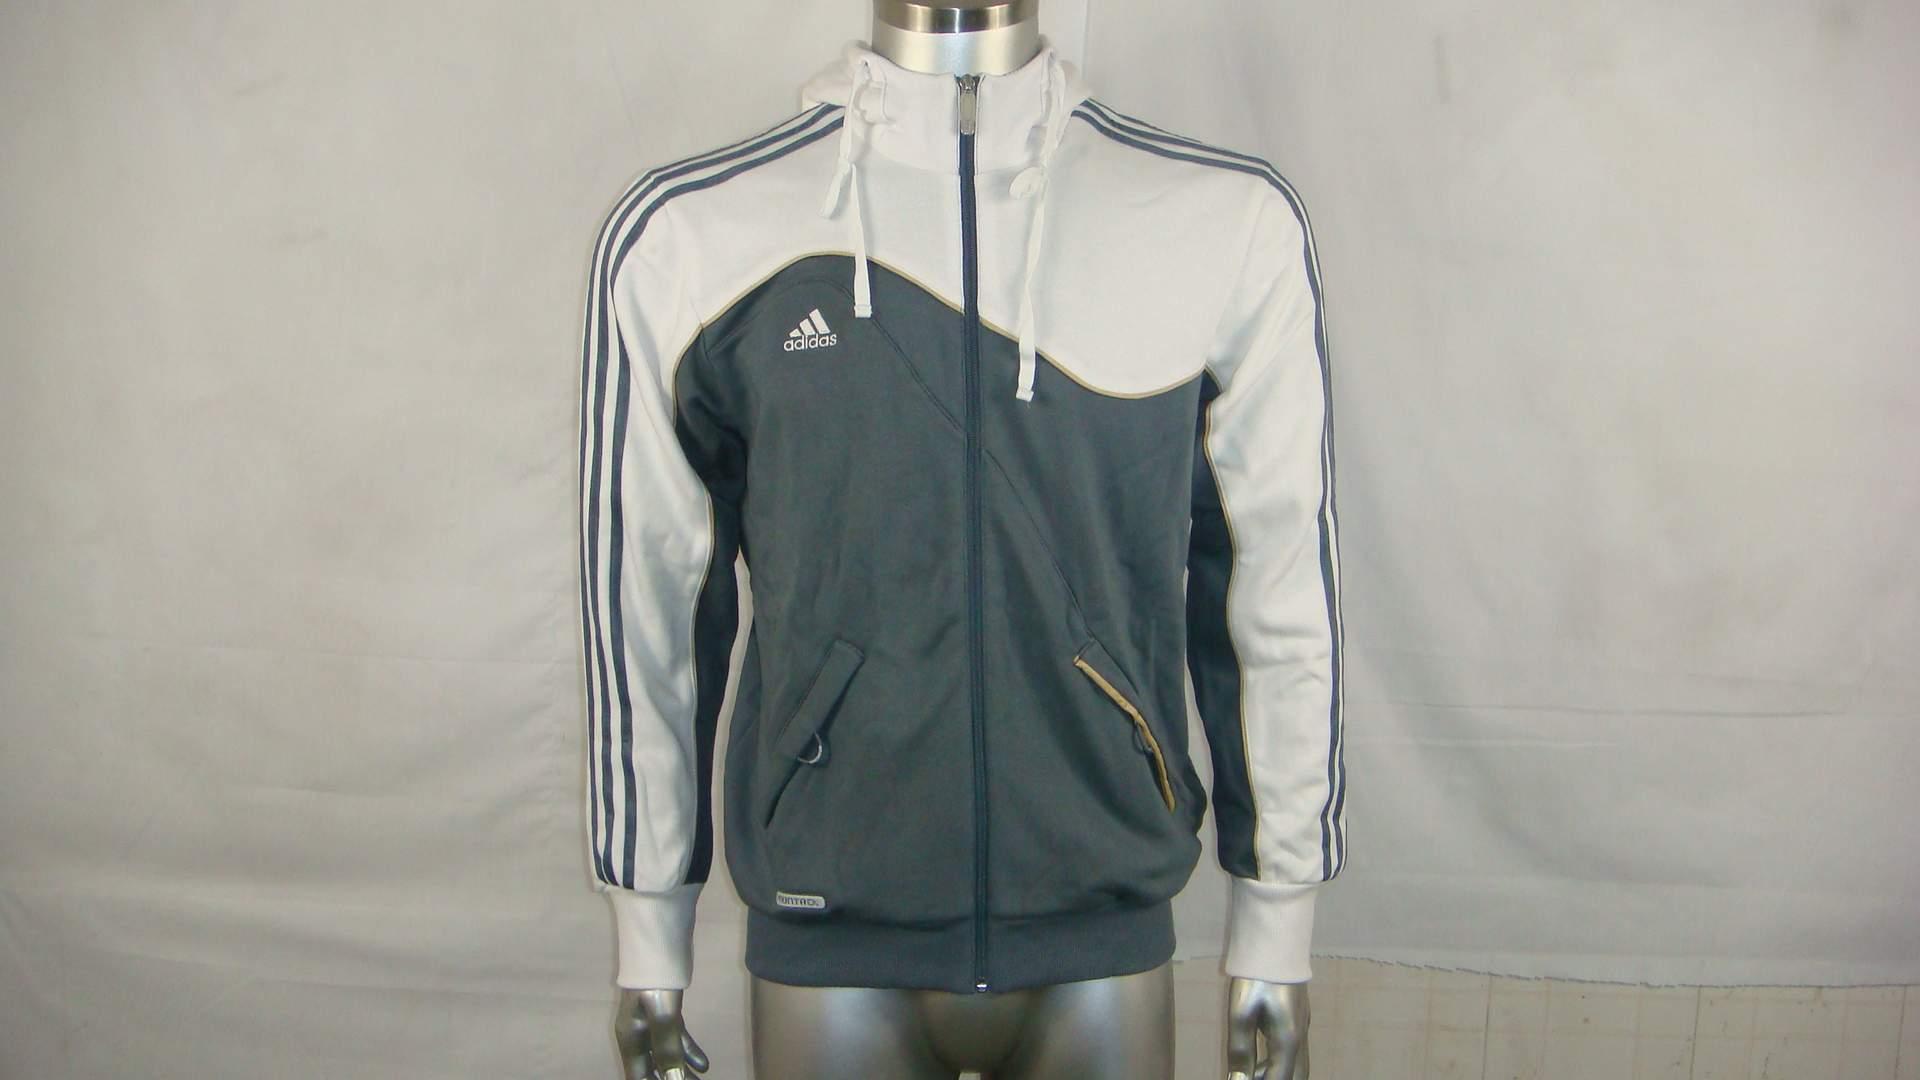 Куртка, Спортивный костюм Аутентичные скидка Адидас adidas Мужская случайный куртка с капюшоном экс все отели акции